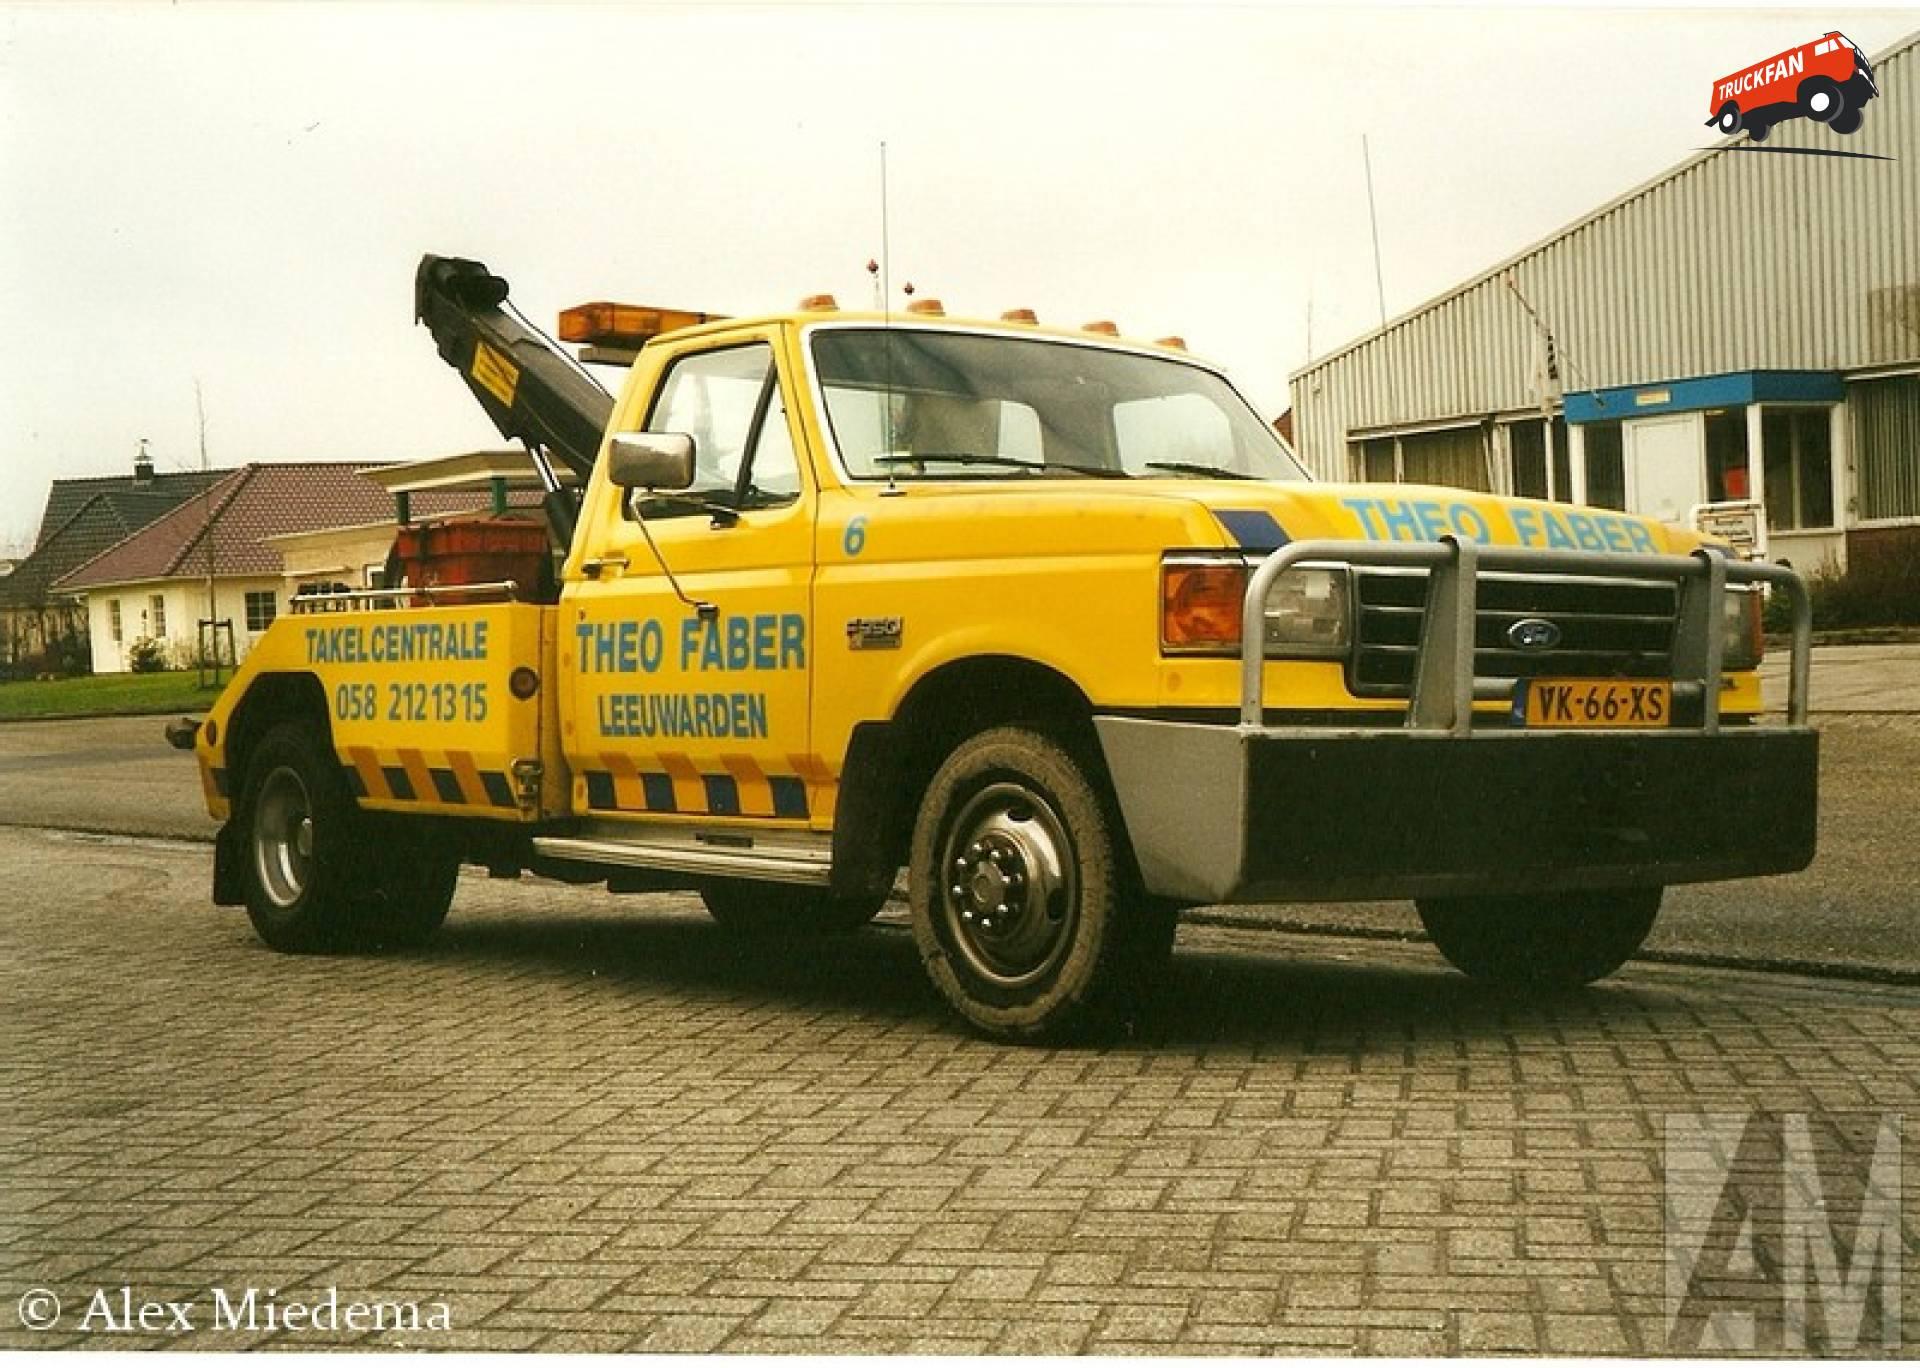 Ford F350 Omdat in Leeuwarden best veel menen Faber heten, moet iedereen een bijnaam hebben. Die van Theo Faber is 'Theo Takel'. Hoe hij aan de naam komt word denk ik wel duidelijk door de foto's in deze blog…